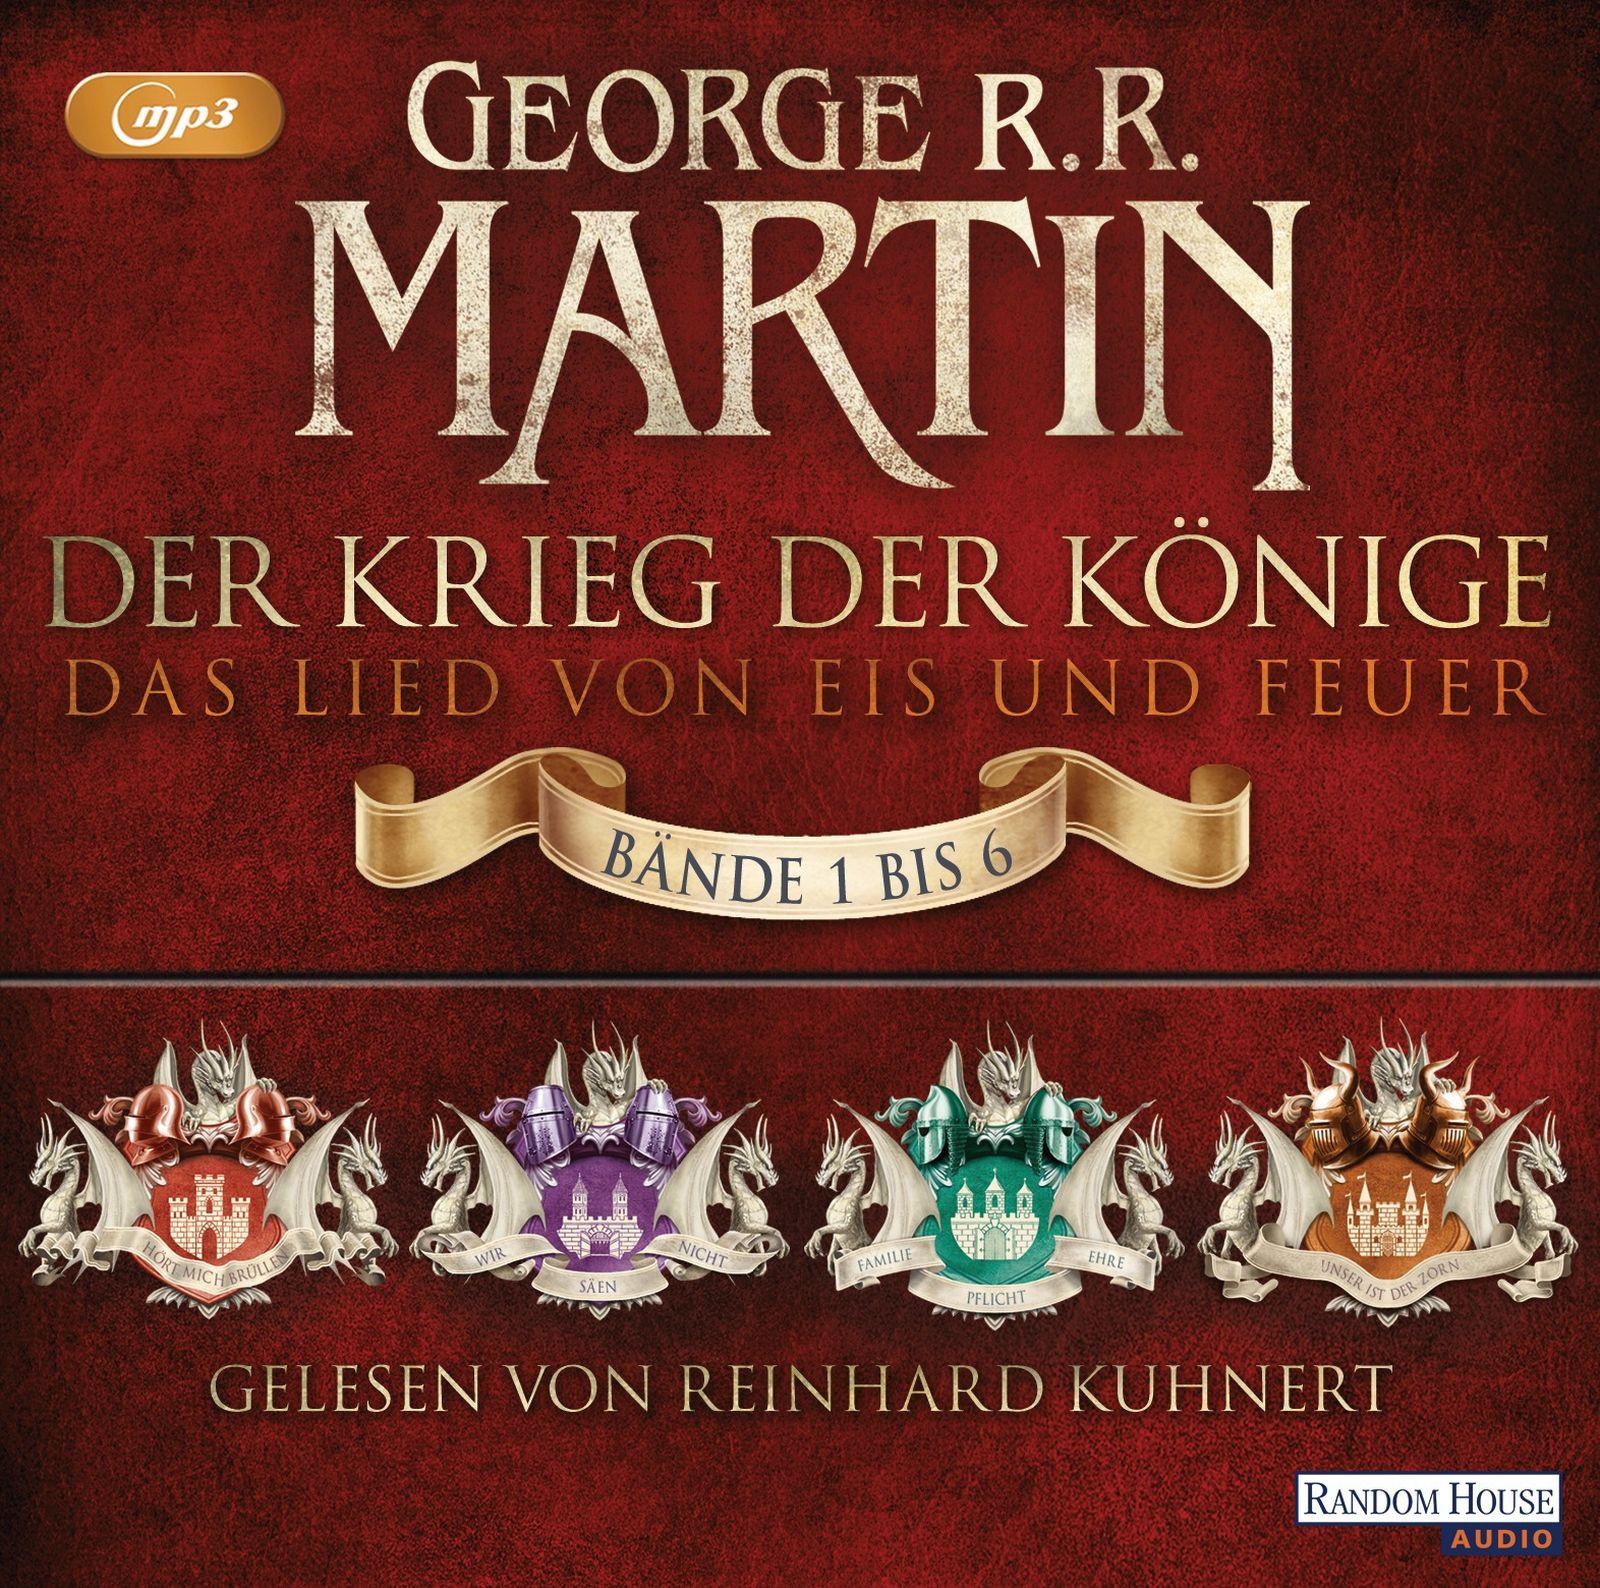 George R.R. Martin - Der Krieg der Könige - Die Box